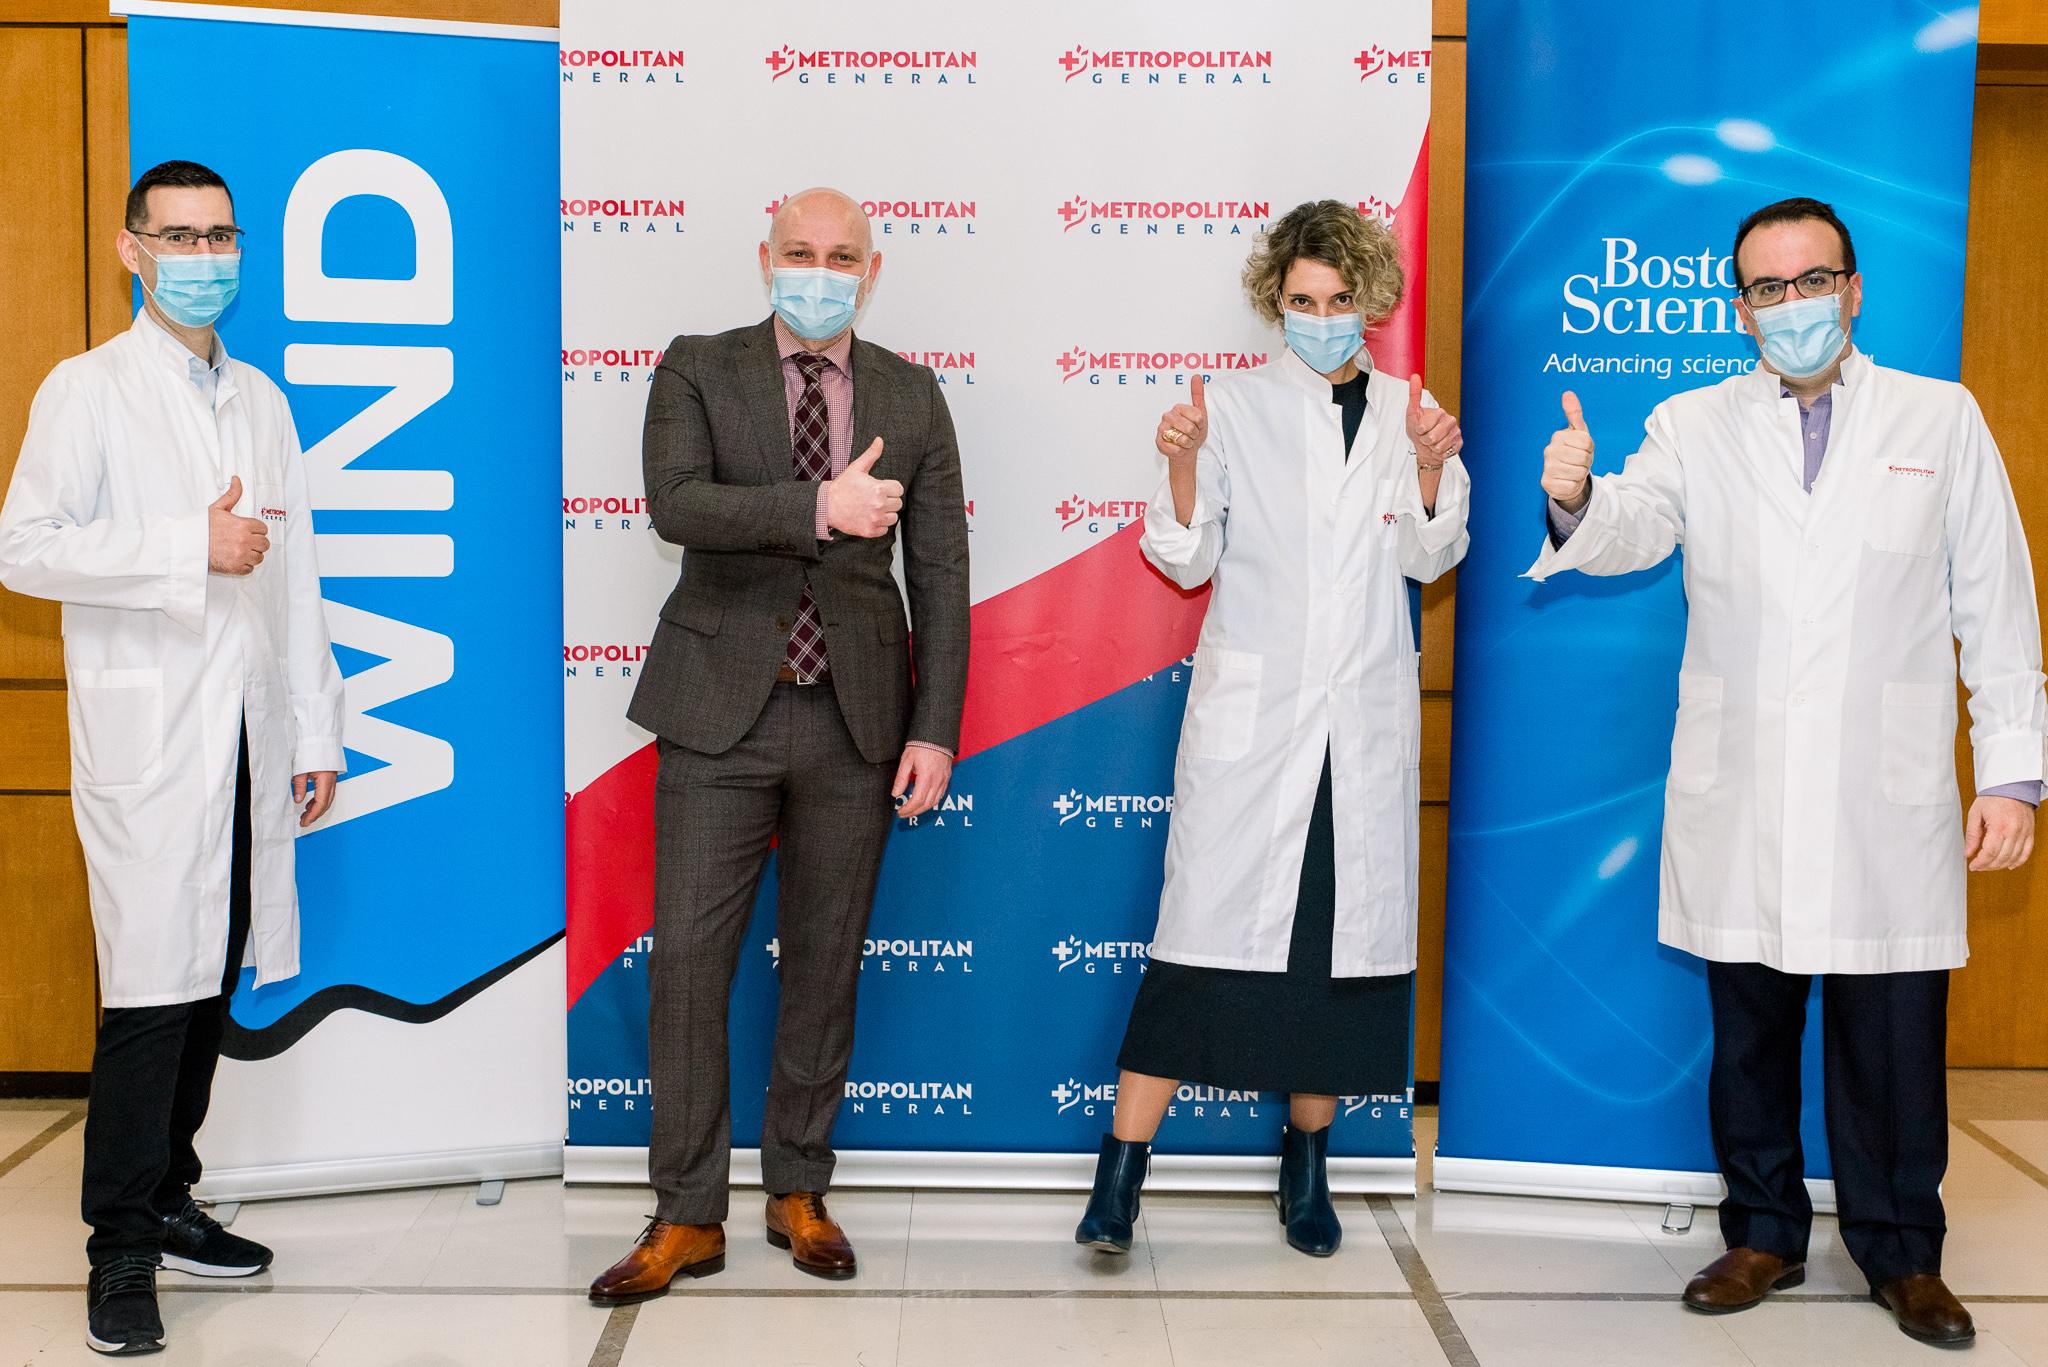 4.000 Ιατροί παγκοσμίως παρακολούθησαν  επέμβαση σε ζωντανή μετάδοση